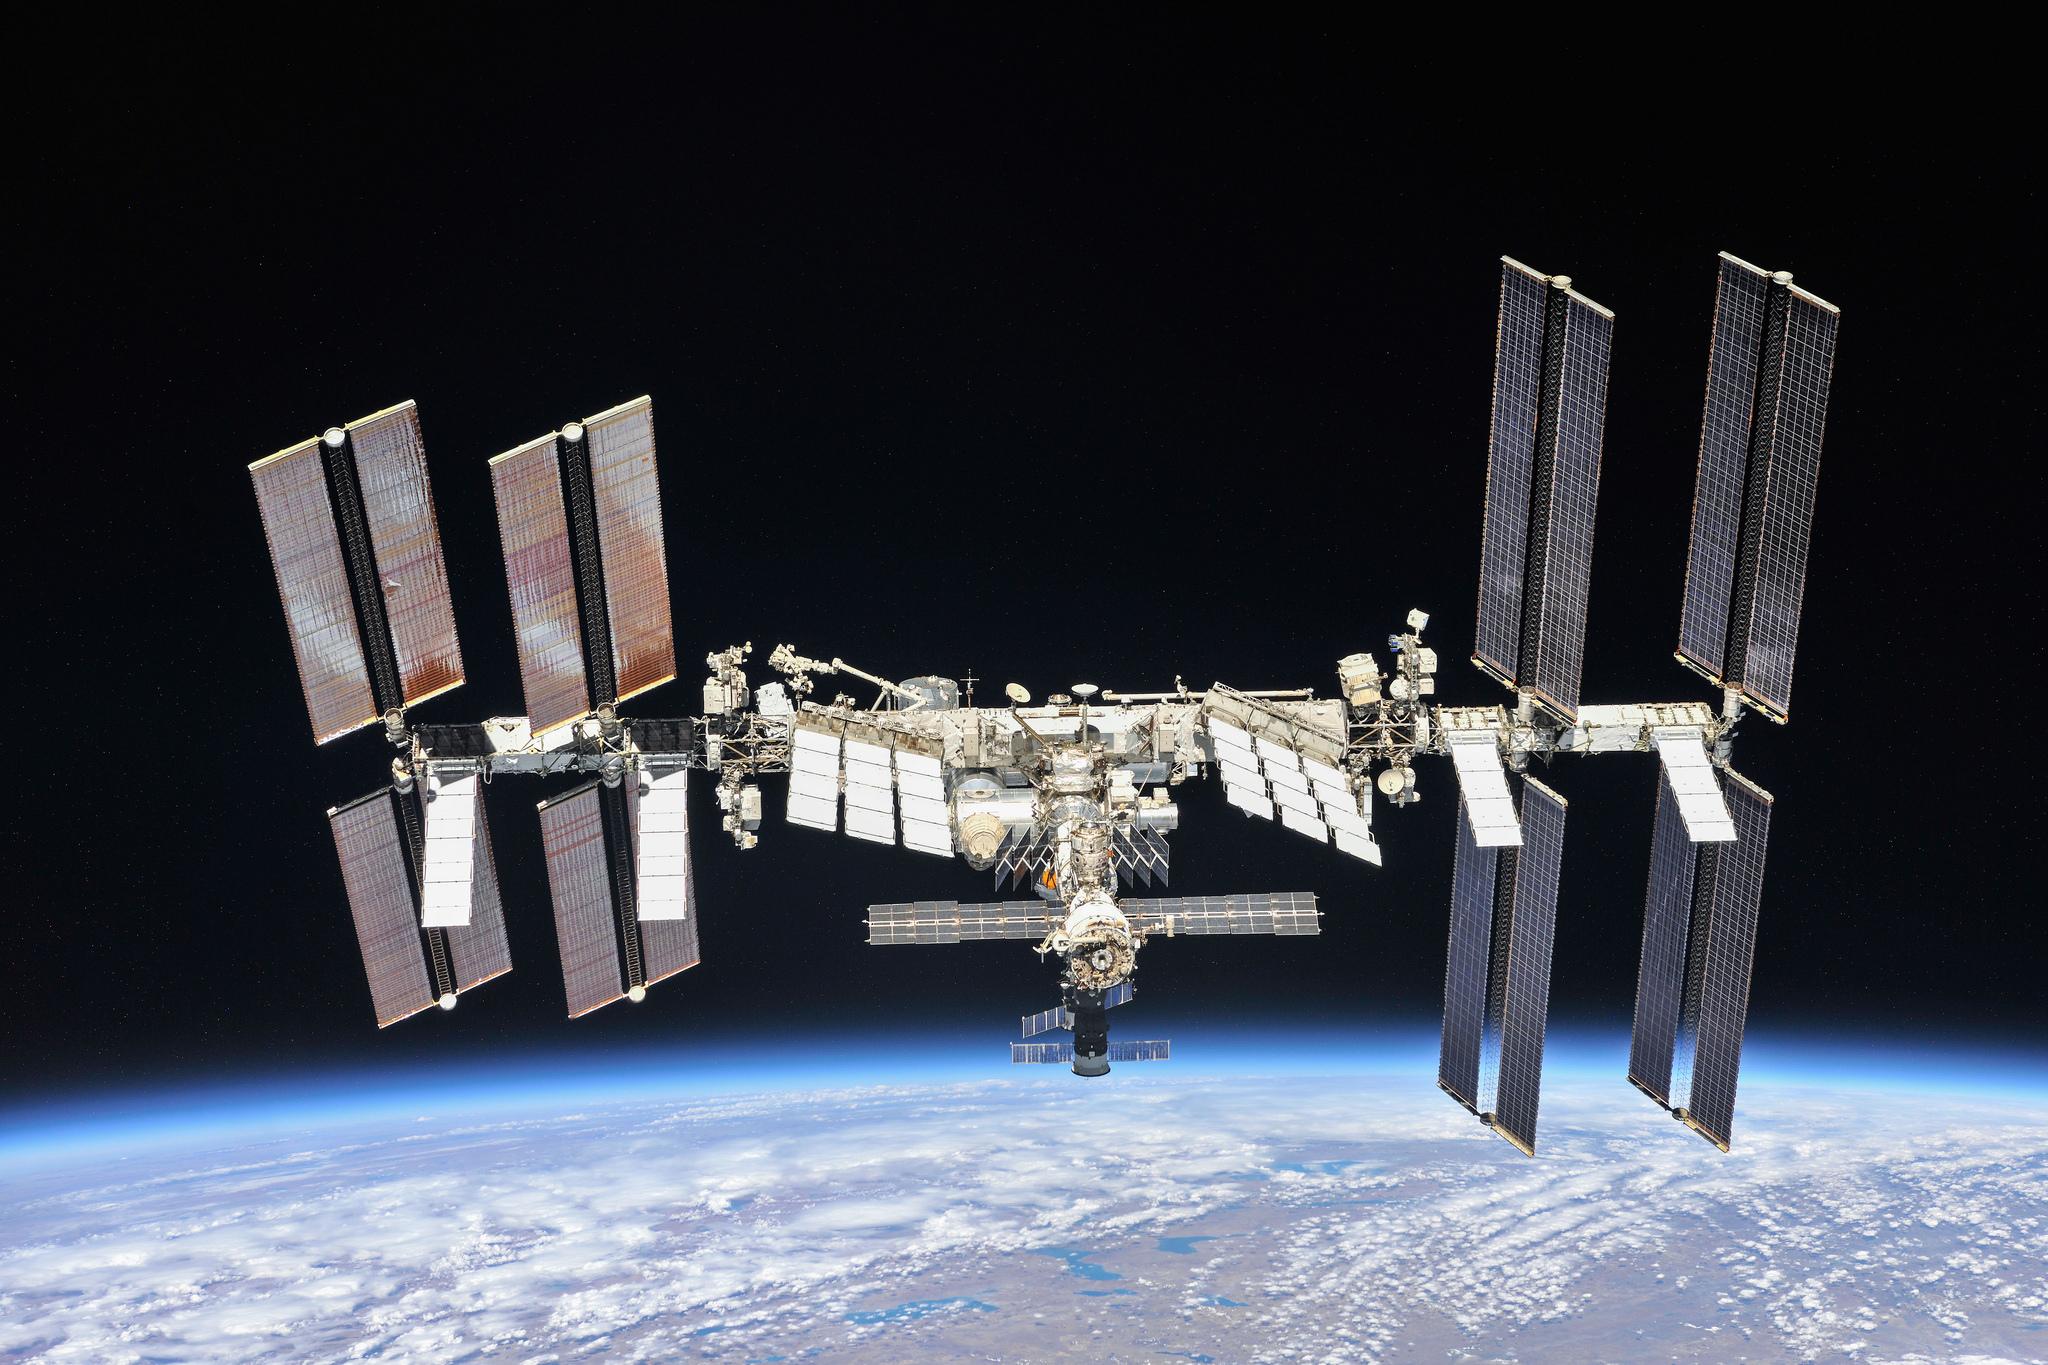 Zdjęcie satelity NASA na tle przestrzeni kosmicznej i skrawka Ziemi